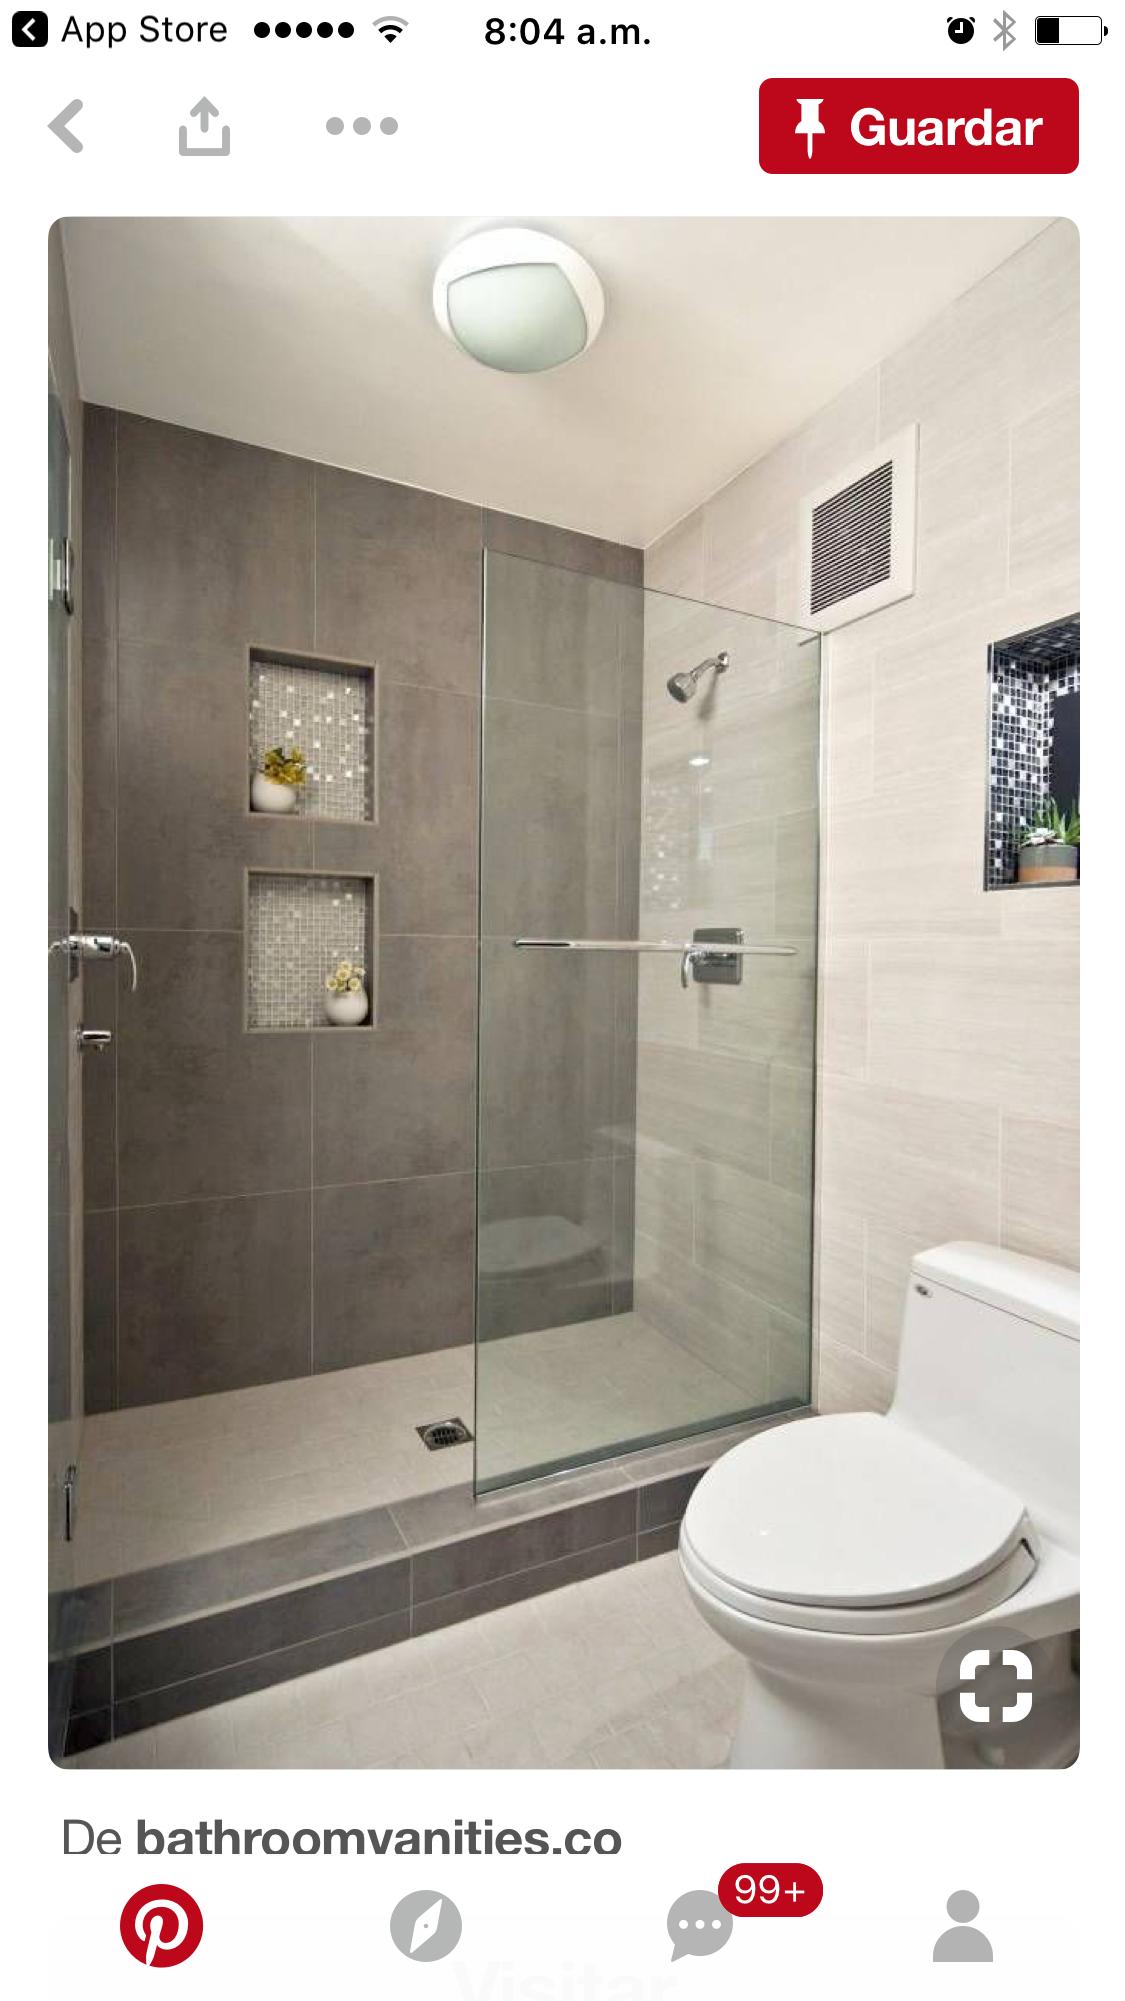 Pin van Krien op badkamers | Pinterest - Wc, Badkamer en Badkamers